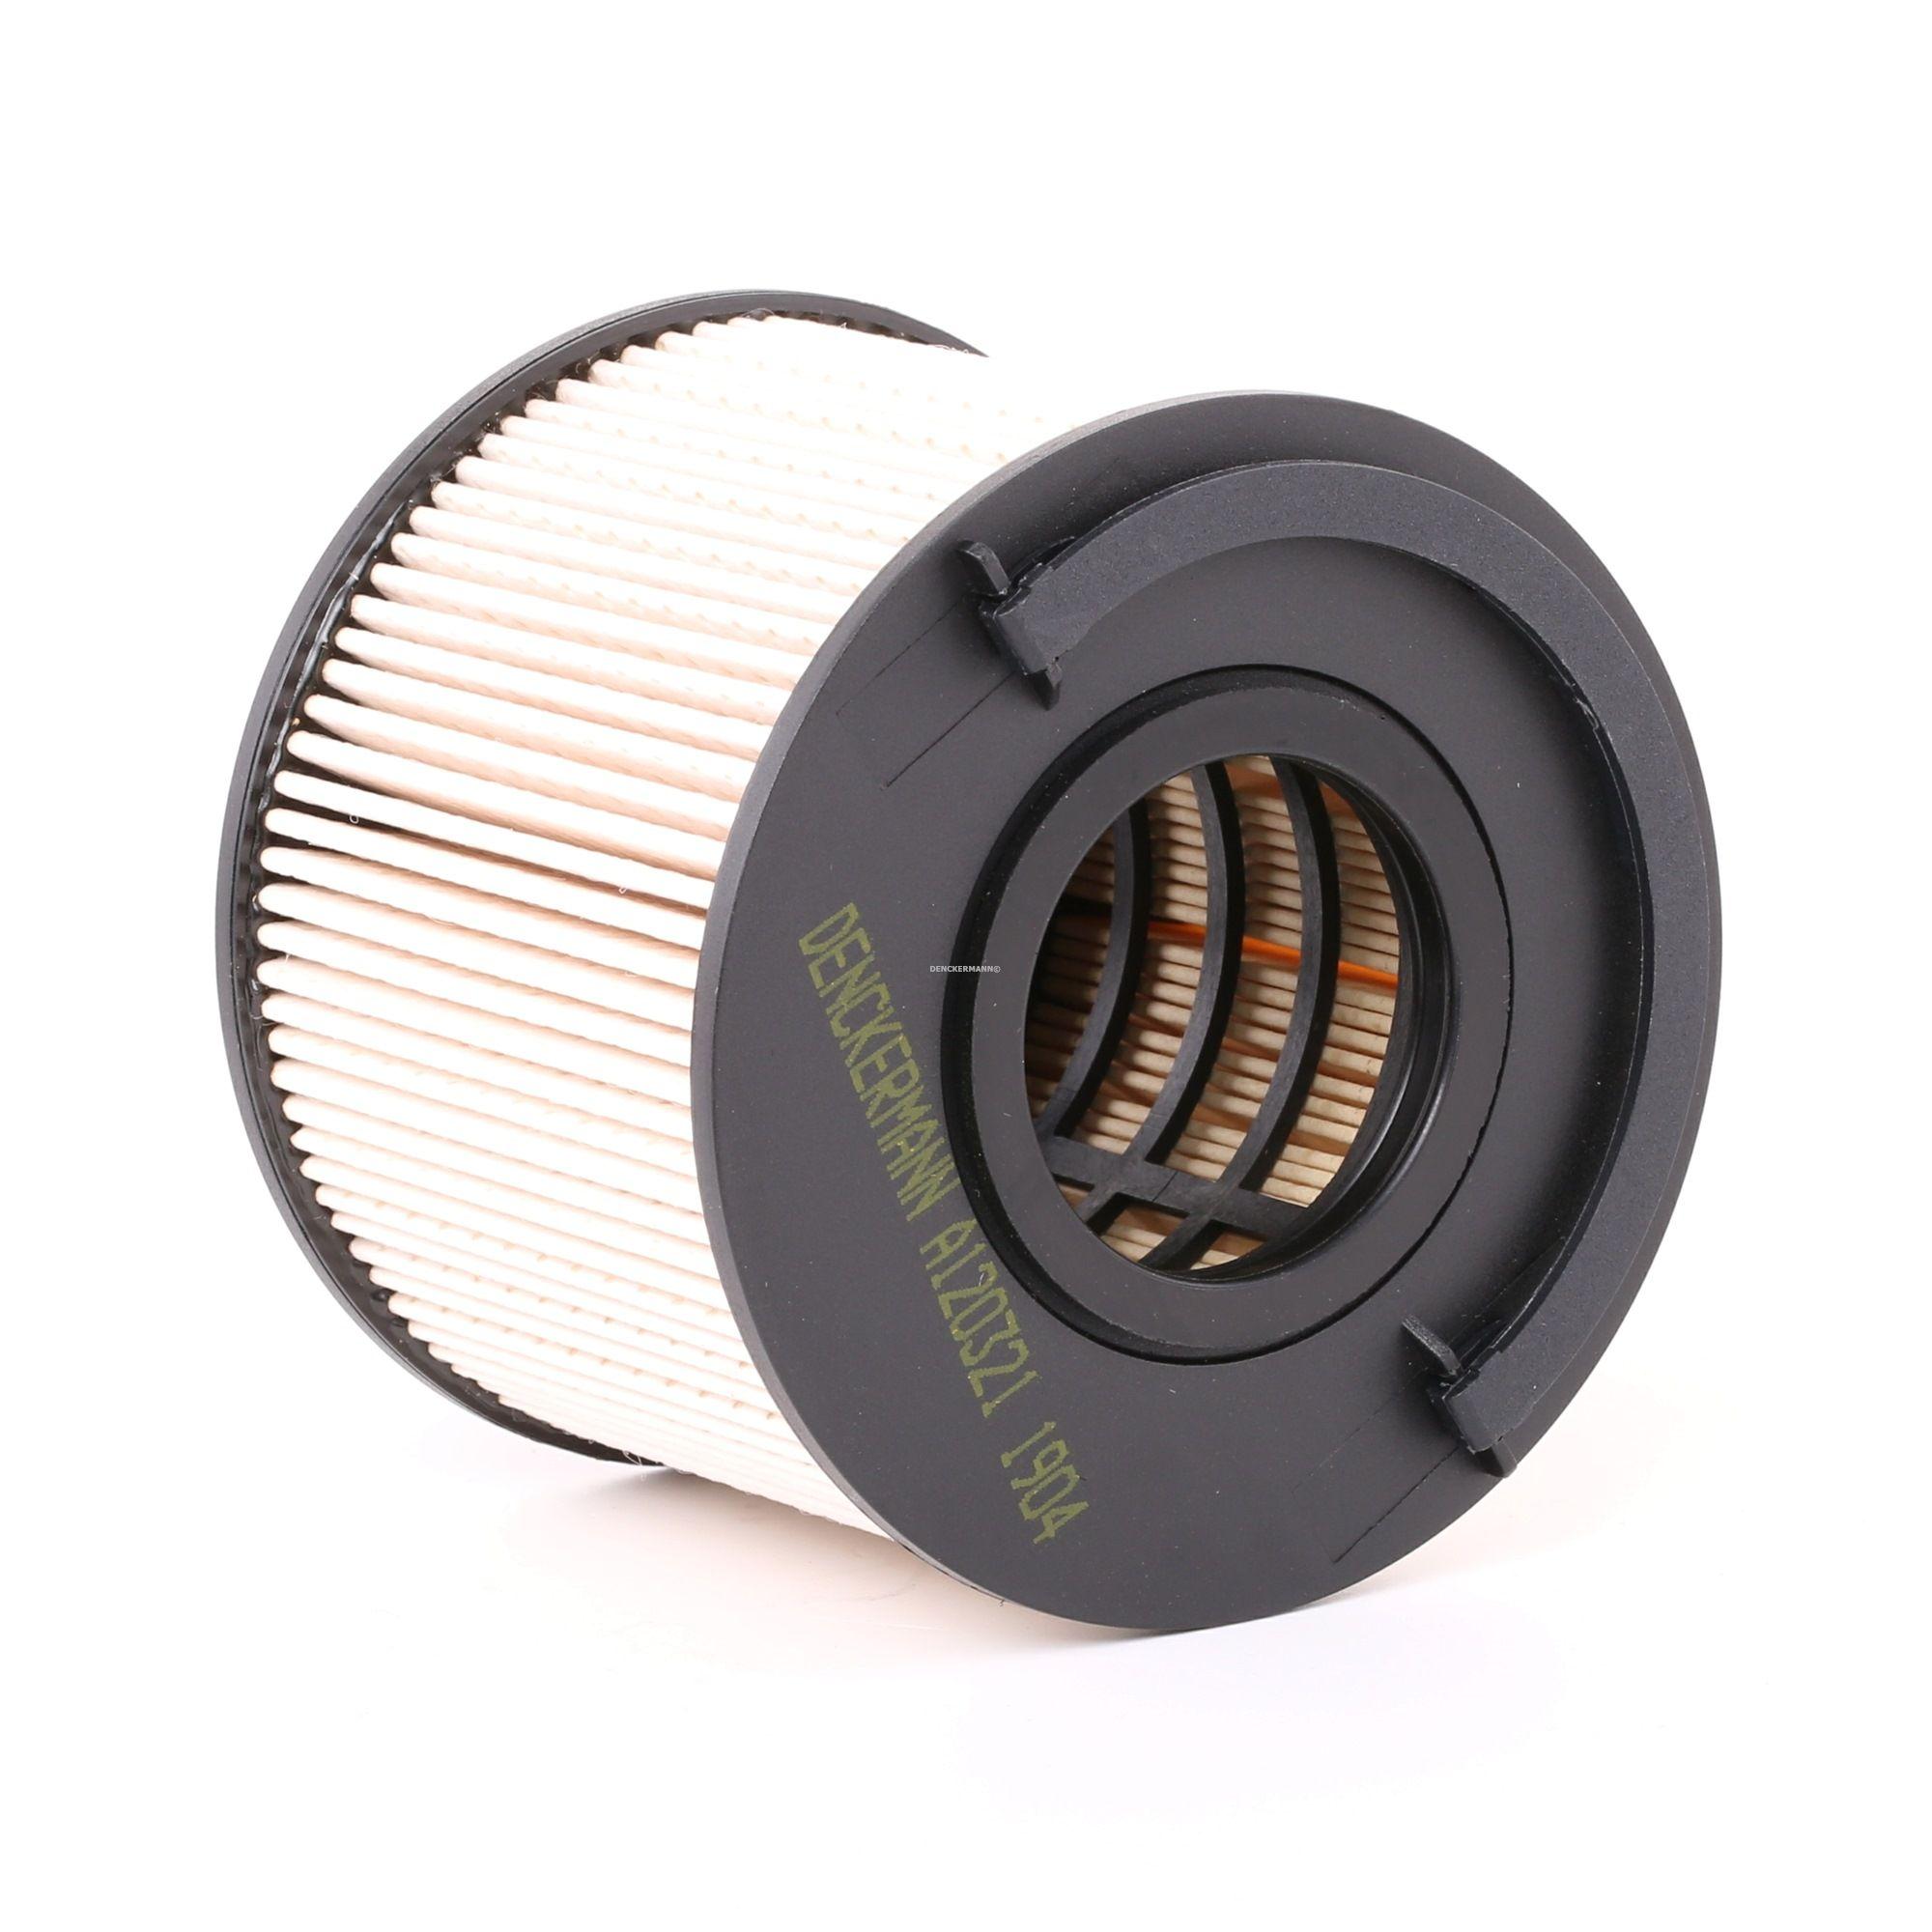 Palivový filtr A120321 s vynikajícím poměrem mezi cenou a DENCKERMANN kvalitou